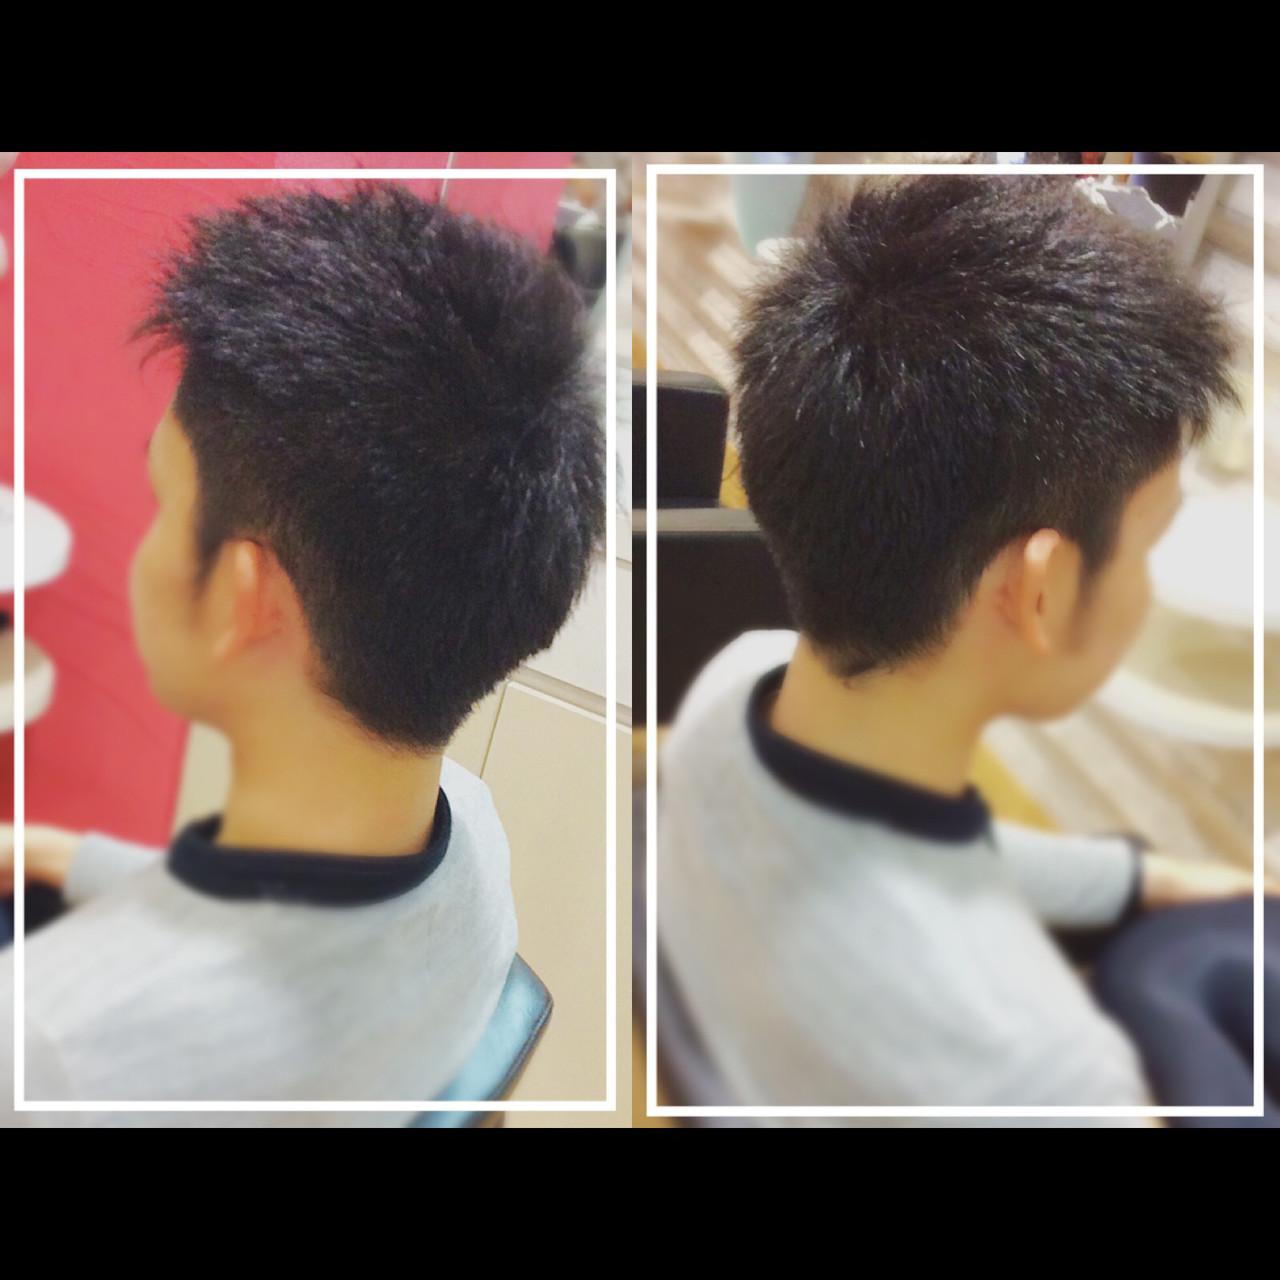 オフィス メンズヘア 黒髪 社会人の味方 ヘアスタイルや髪型の写真・画像